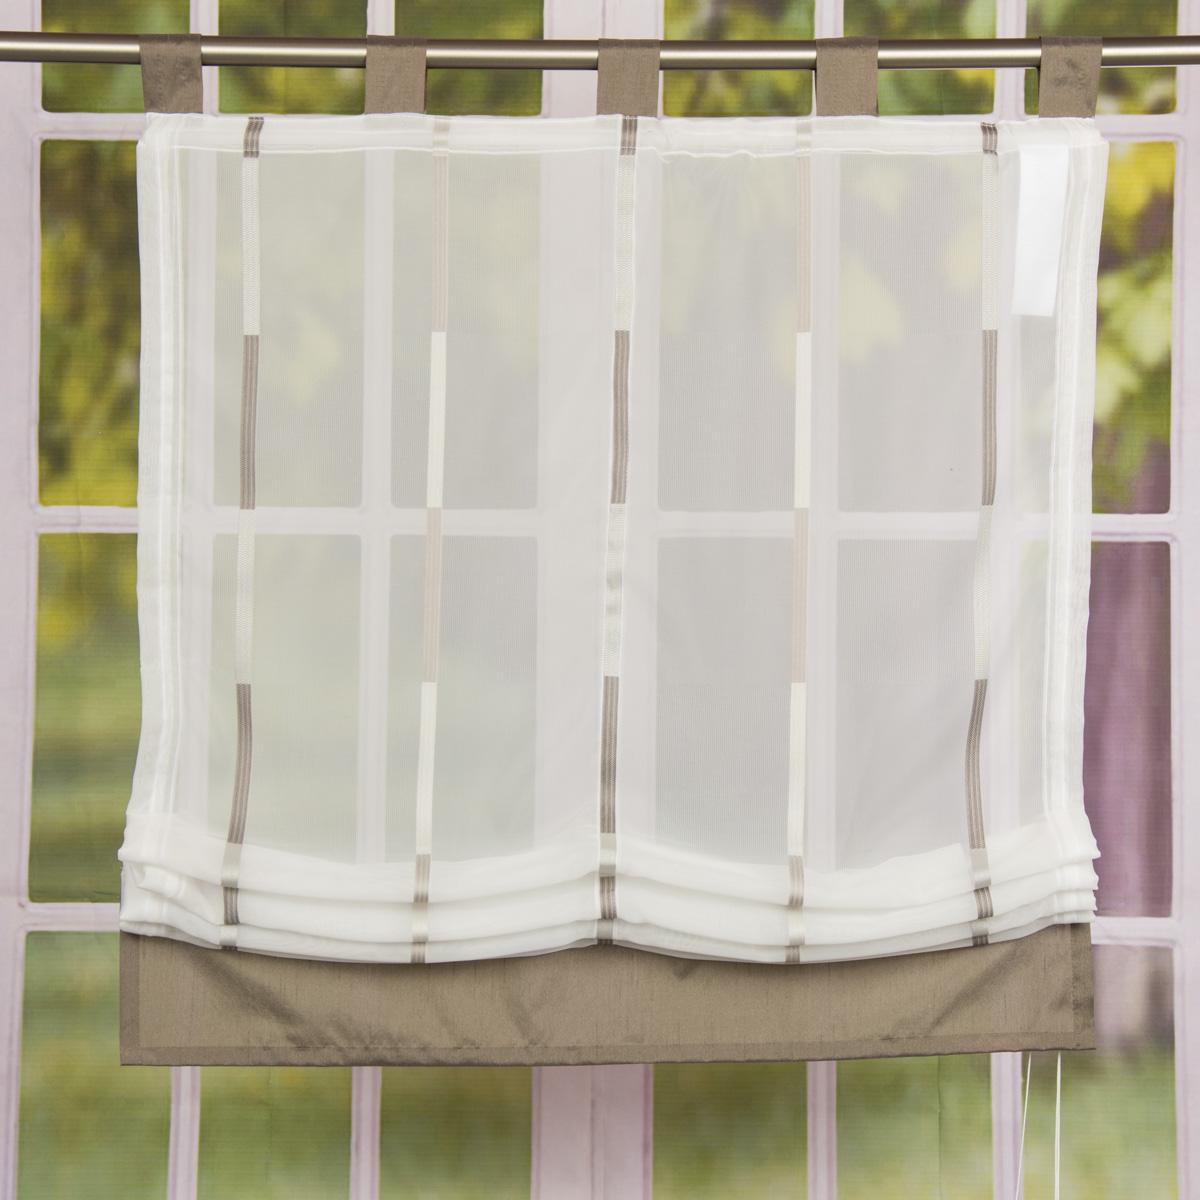 Raffrollo Rollo Schlaufen weiß transparent mit braunen Streifen 80x140cm